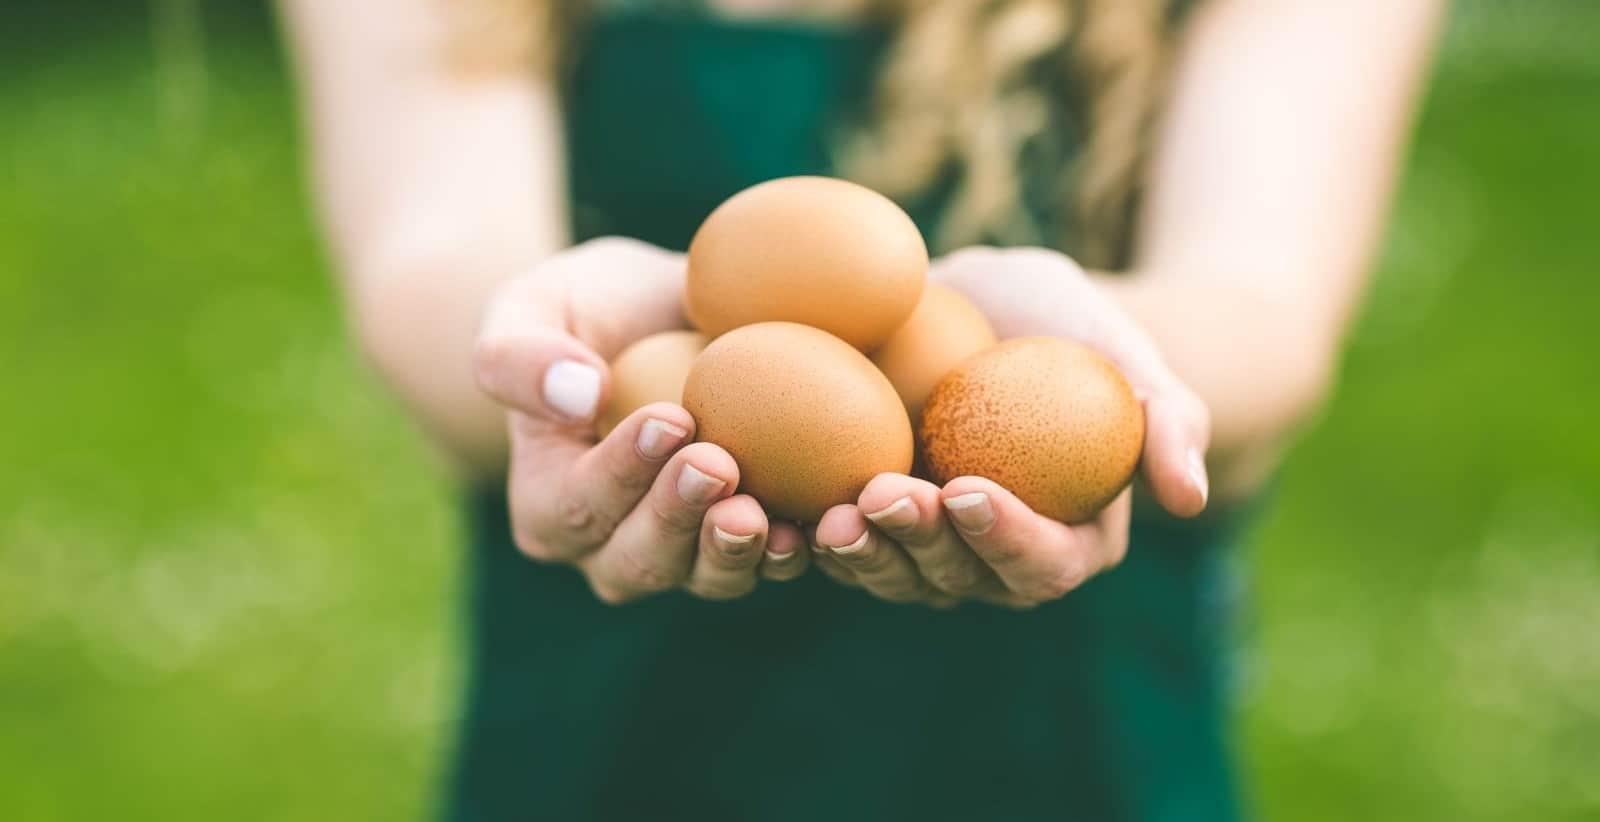 Genialny biznes oparty na kurzych jajach